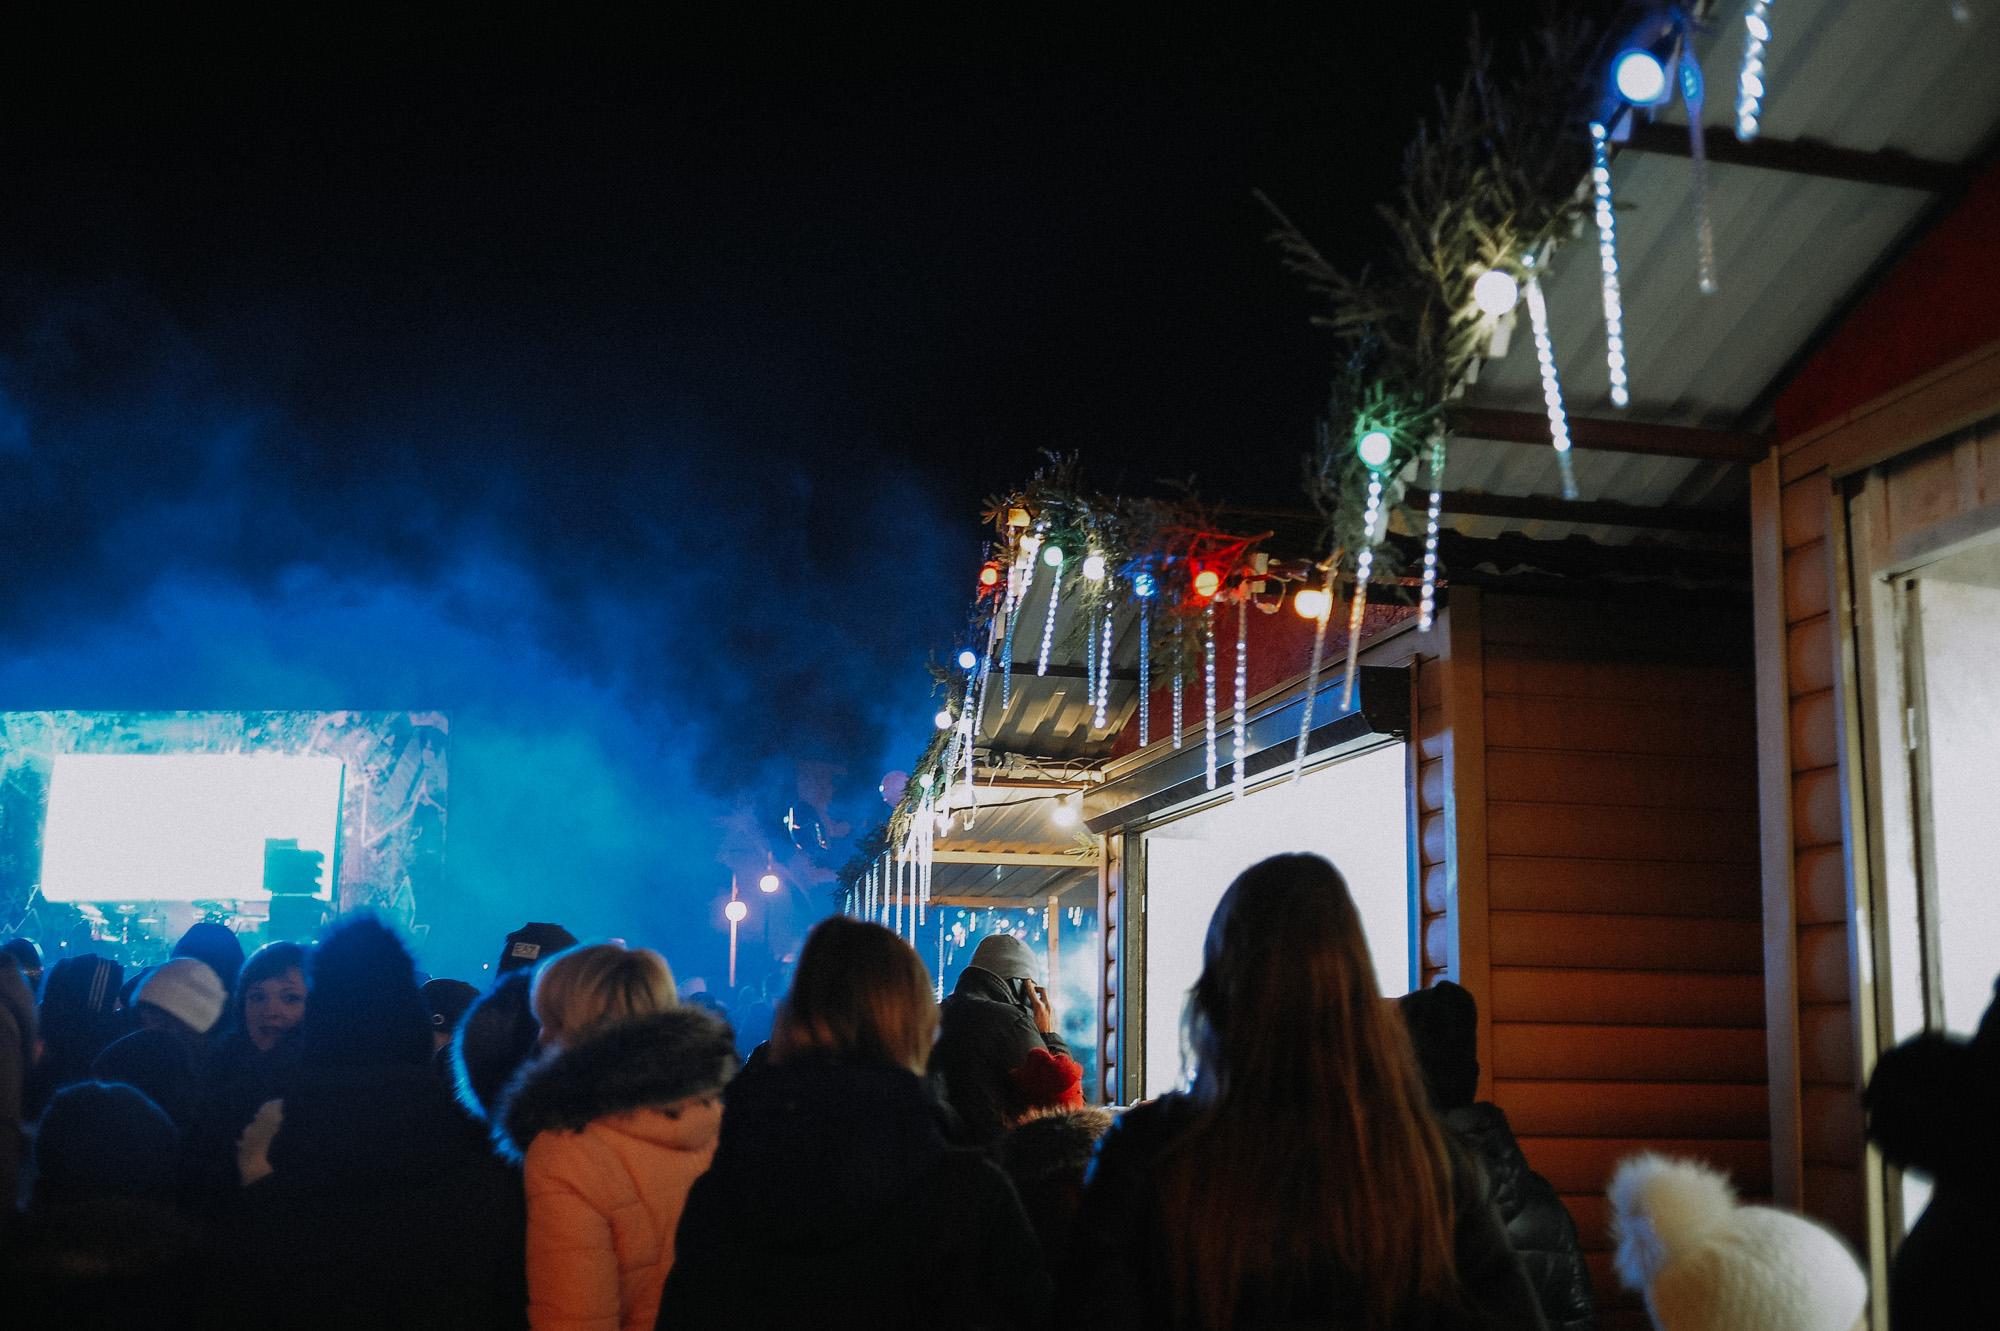 ZZZ 6808 В Астрахани на площади Ленина зажгли новогоднюю елку: кадры торжества